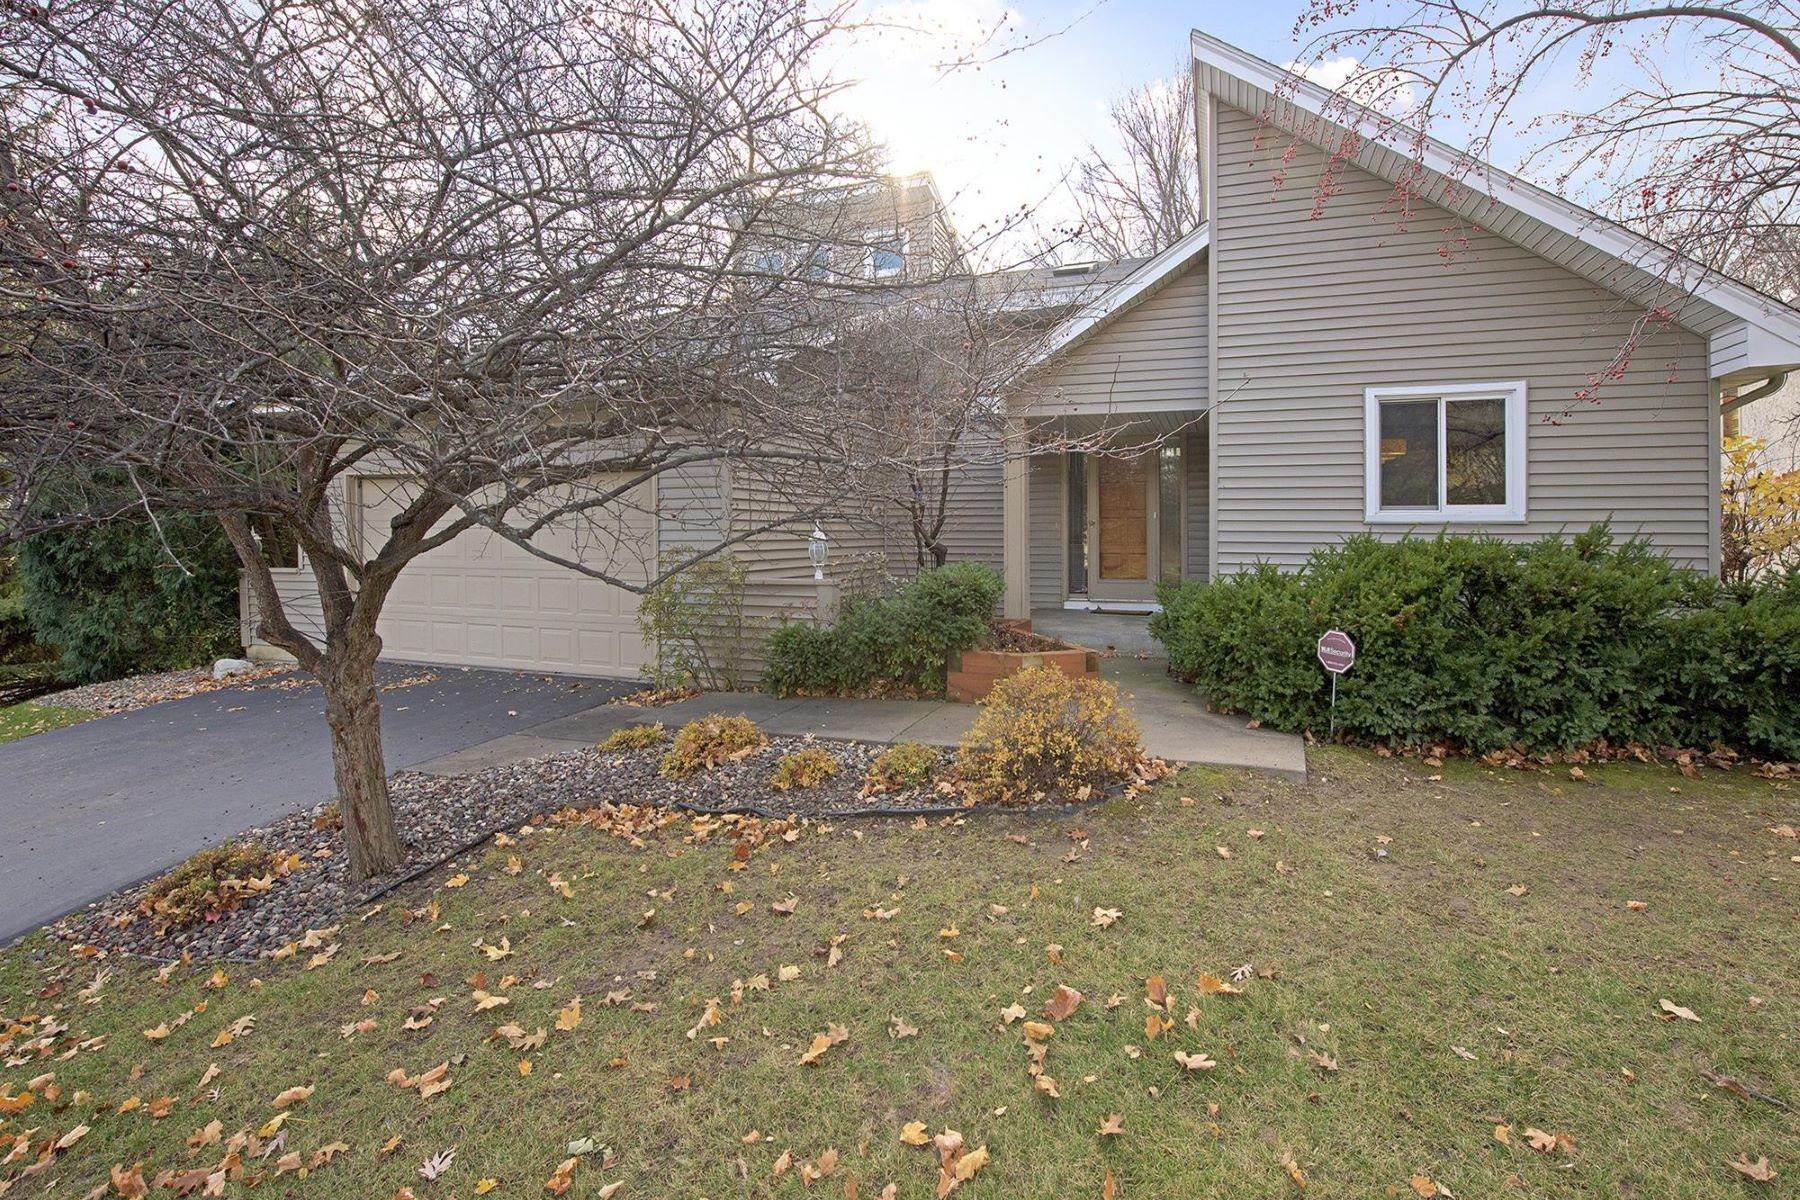 Частный односемейный дом для того Продажа на 12905 46th Ave N Plymouth, Миннесота, 55442 Соединенные Штаты